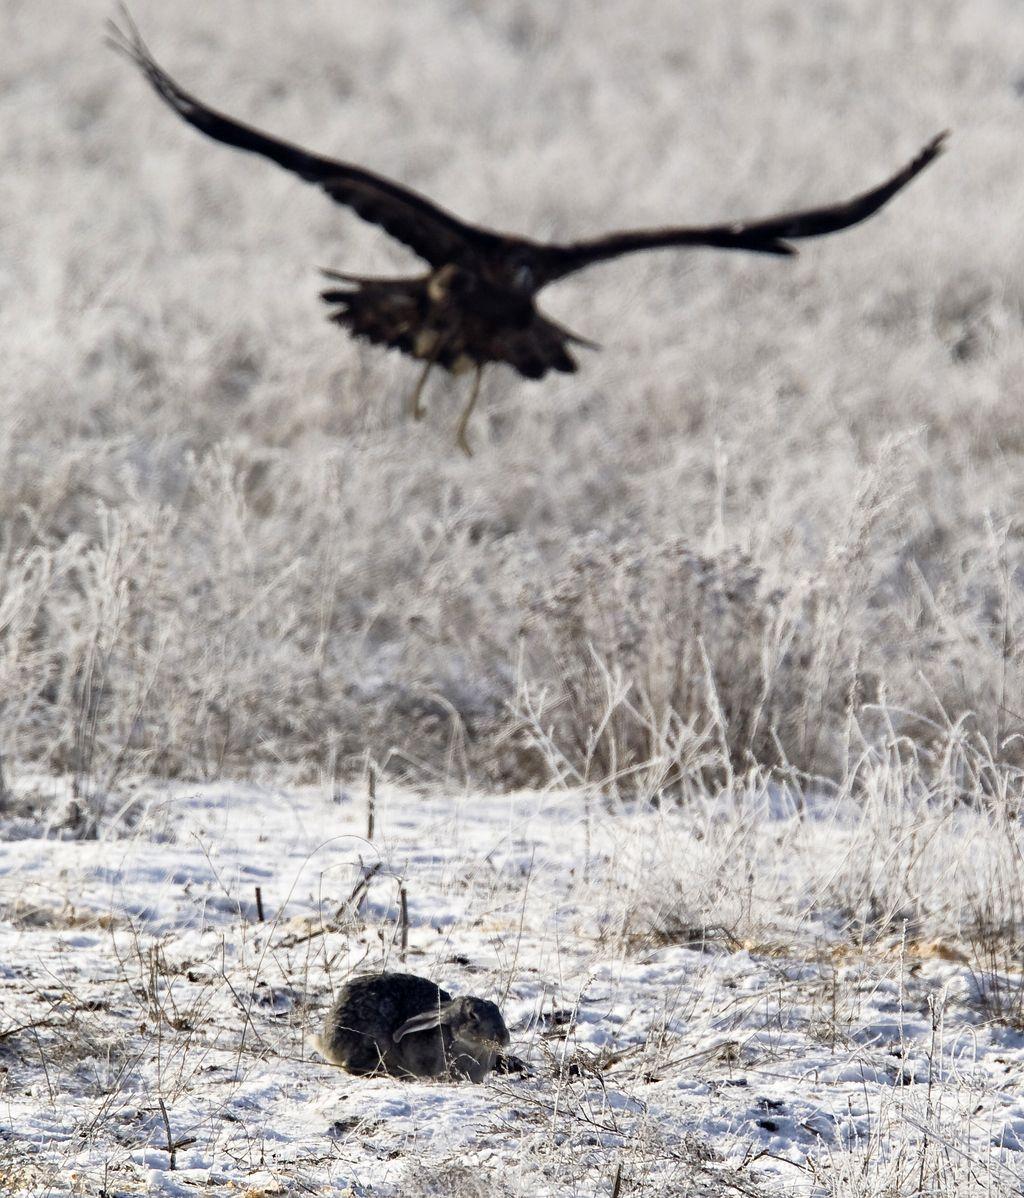 Concurso anual de caza en Kazajistán